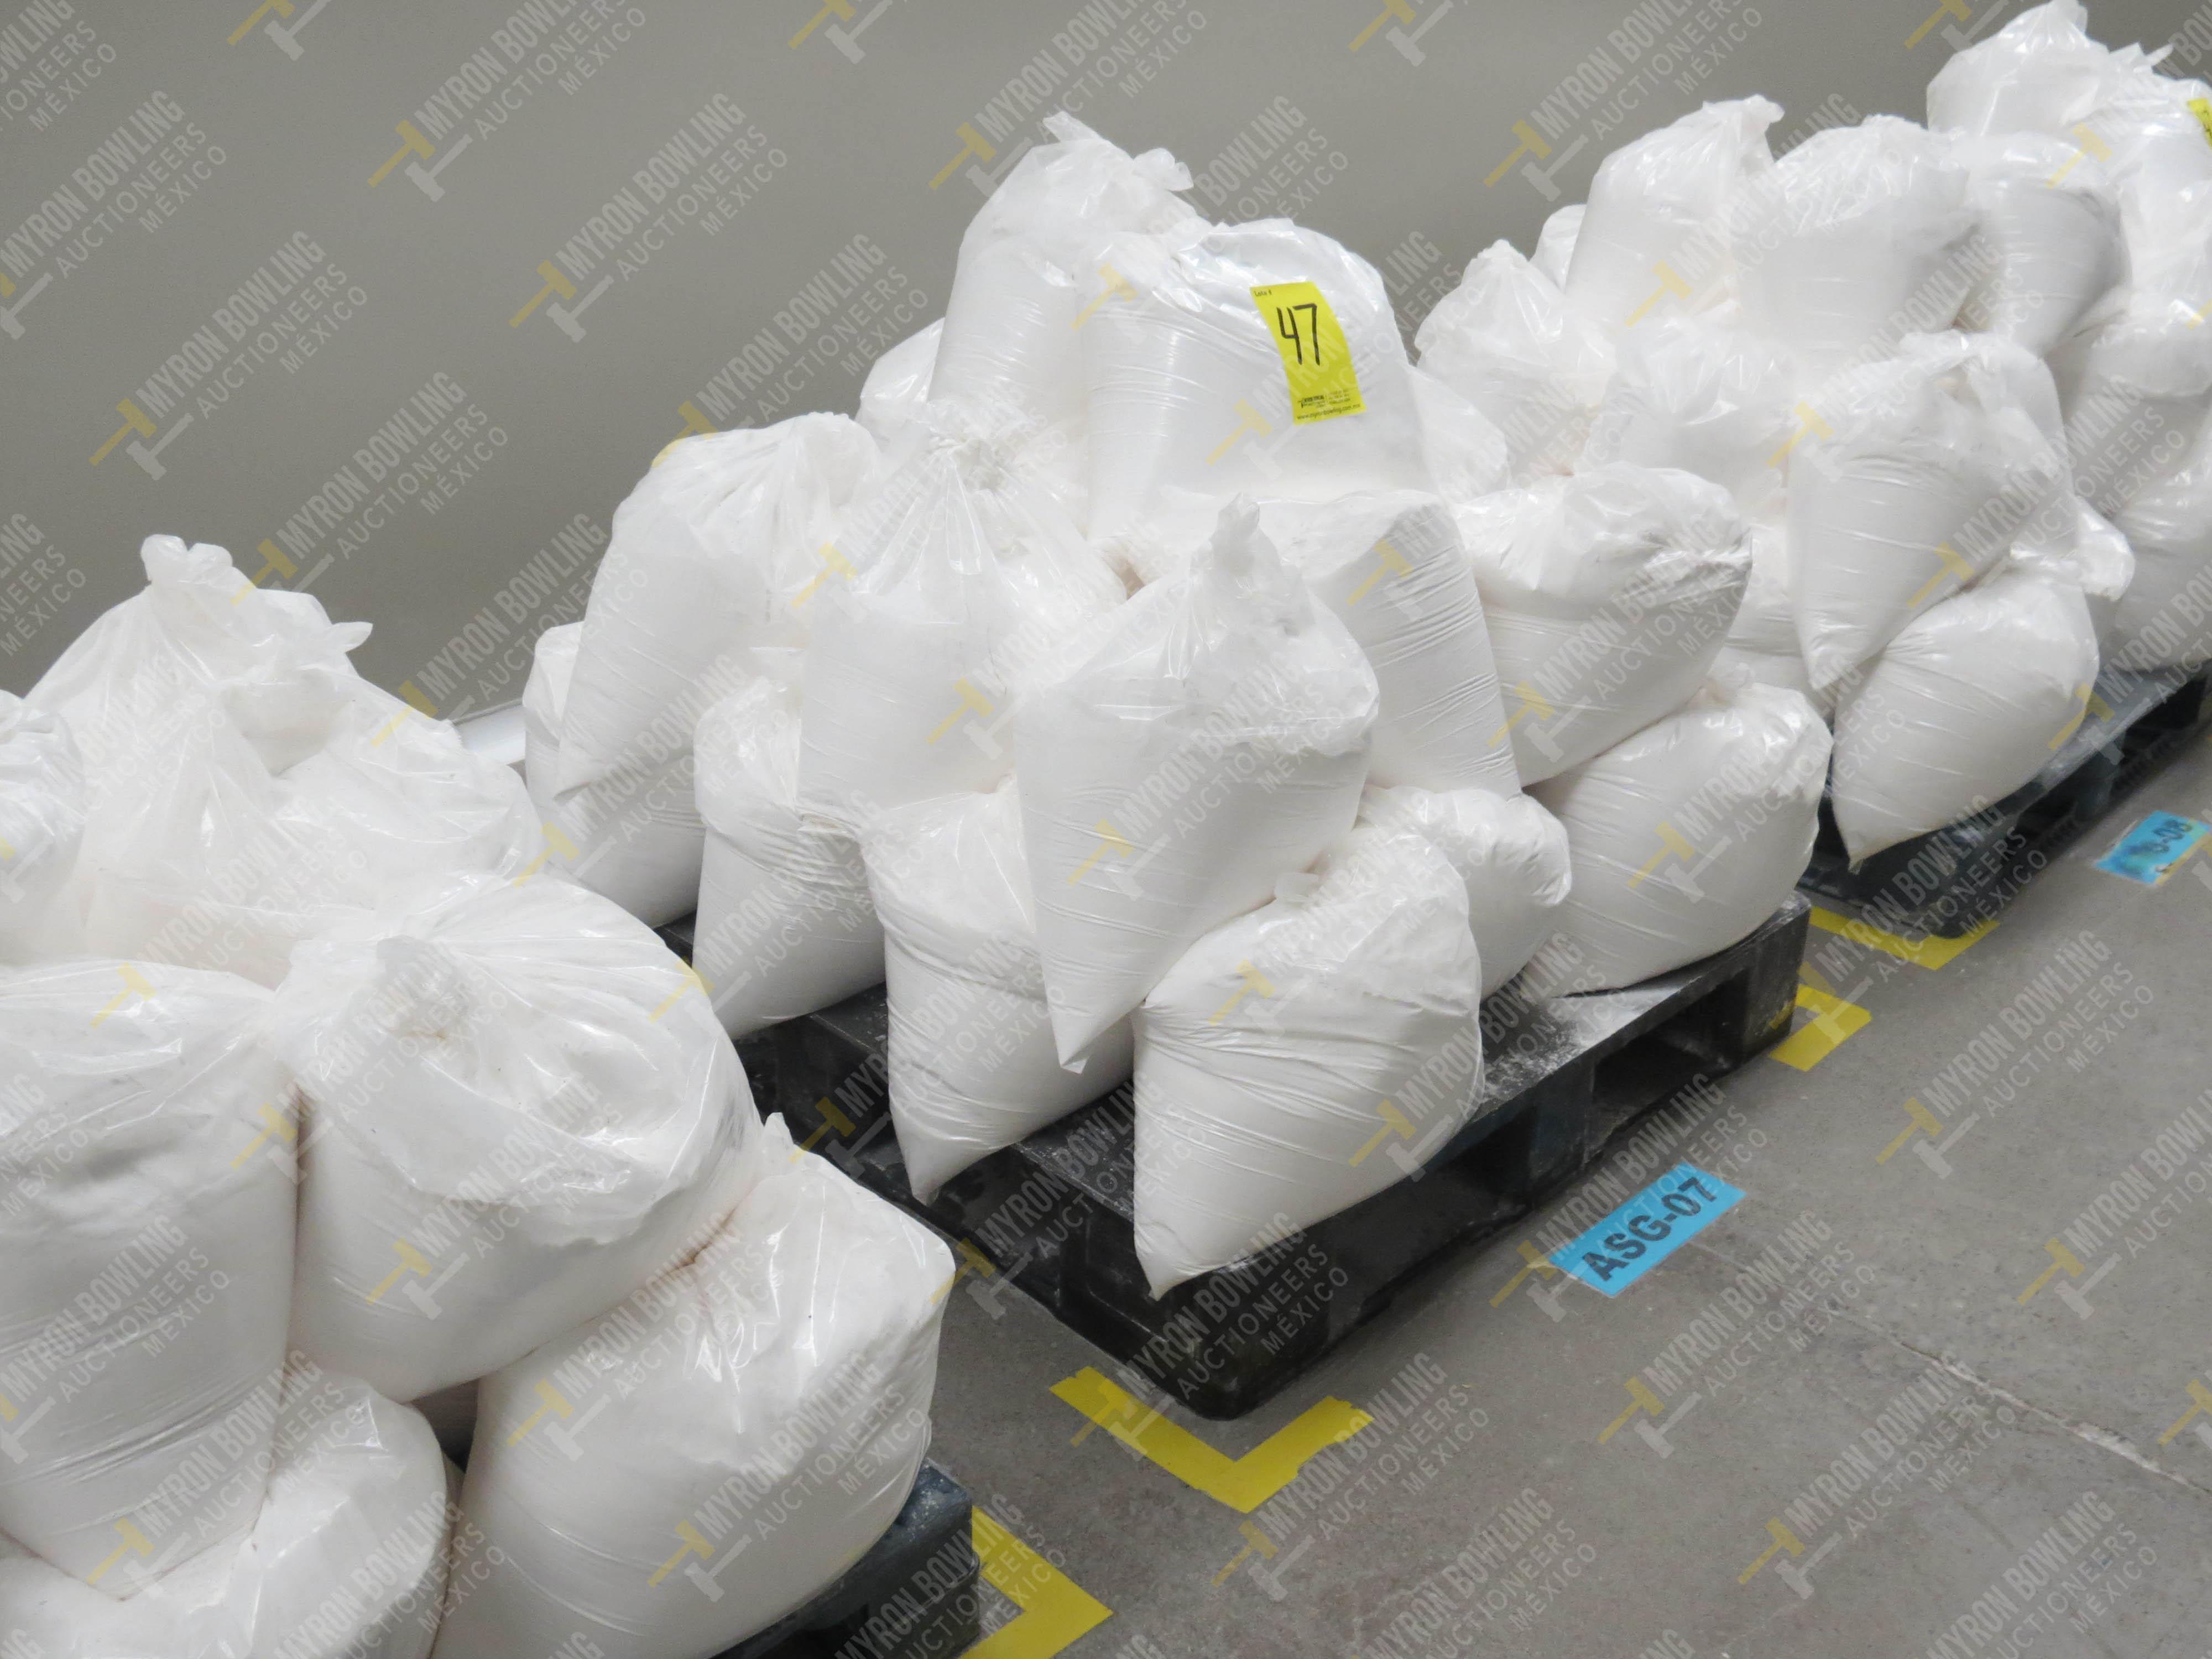 Lote de 7 tarimas de Almidón de yuca cernido aproximadamente 1.5 toneladas, una tarima … - Image 3 of 8